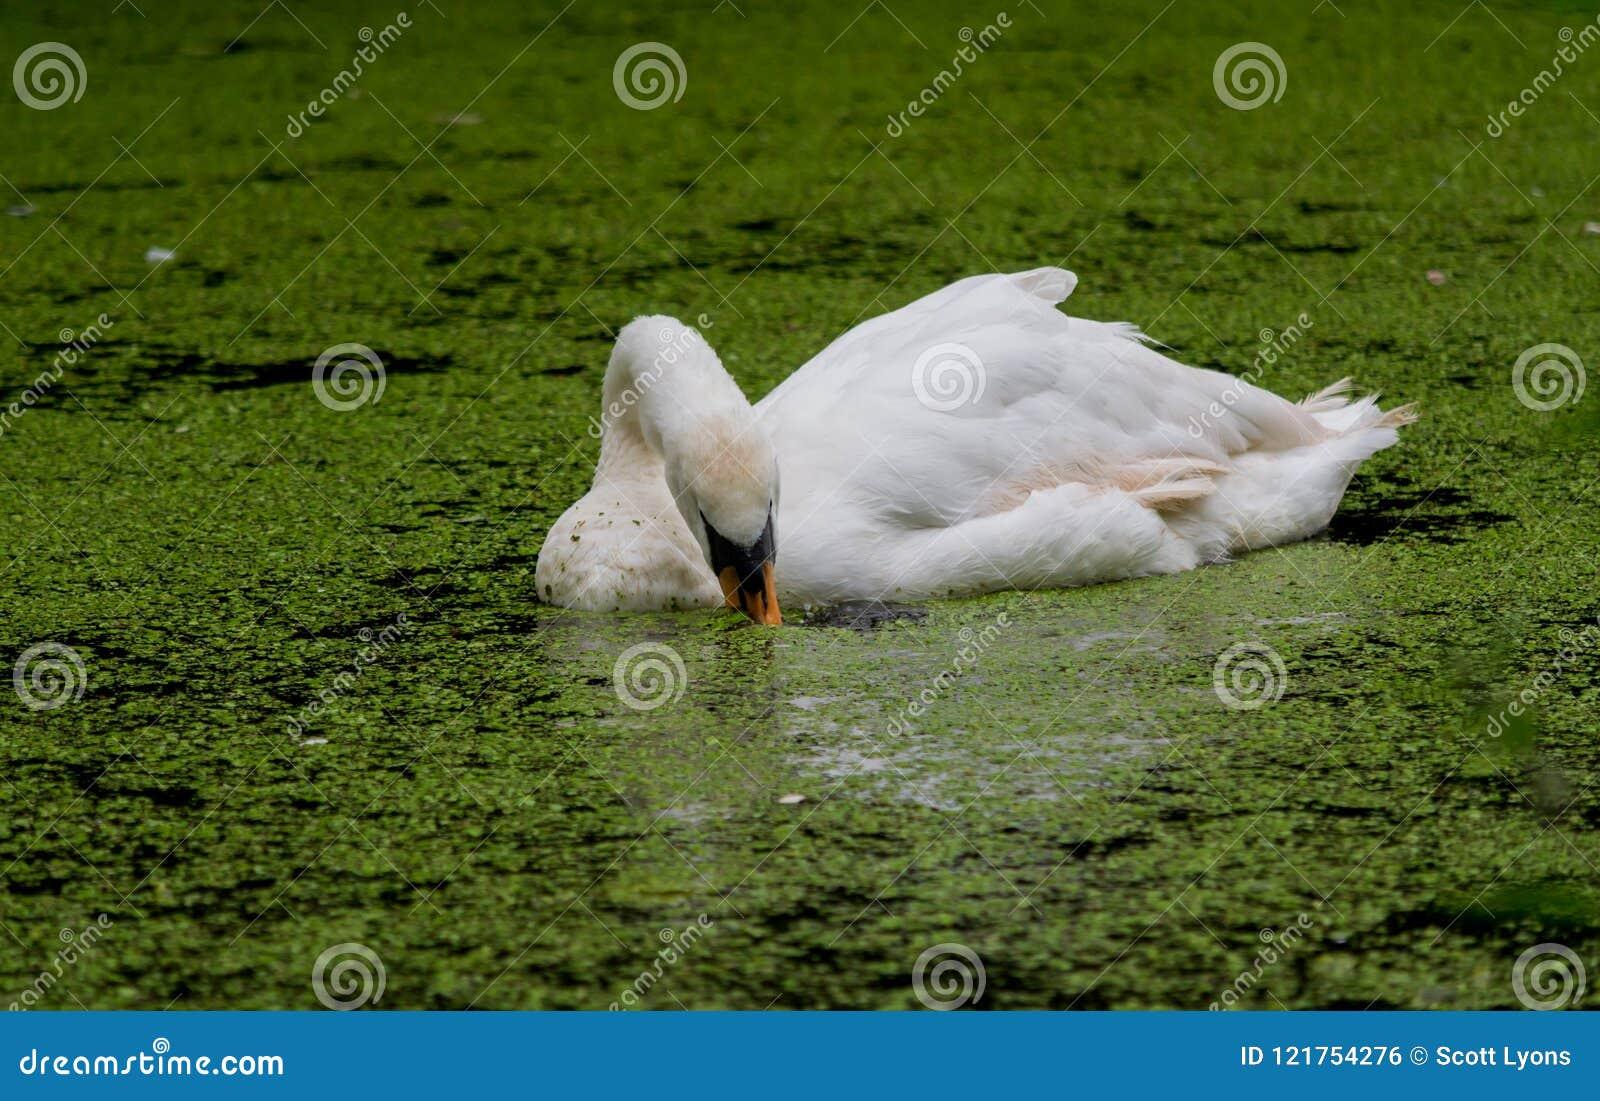 Κύκνος που κολυμπά μέσω των αλγών τρώγοντας